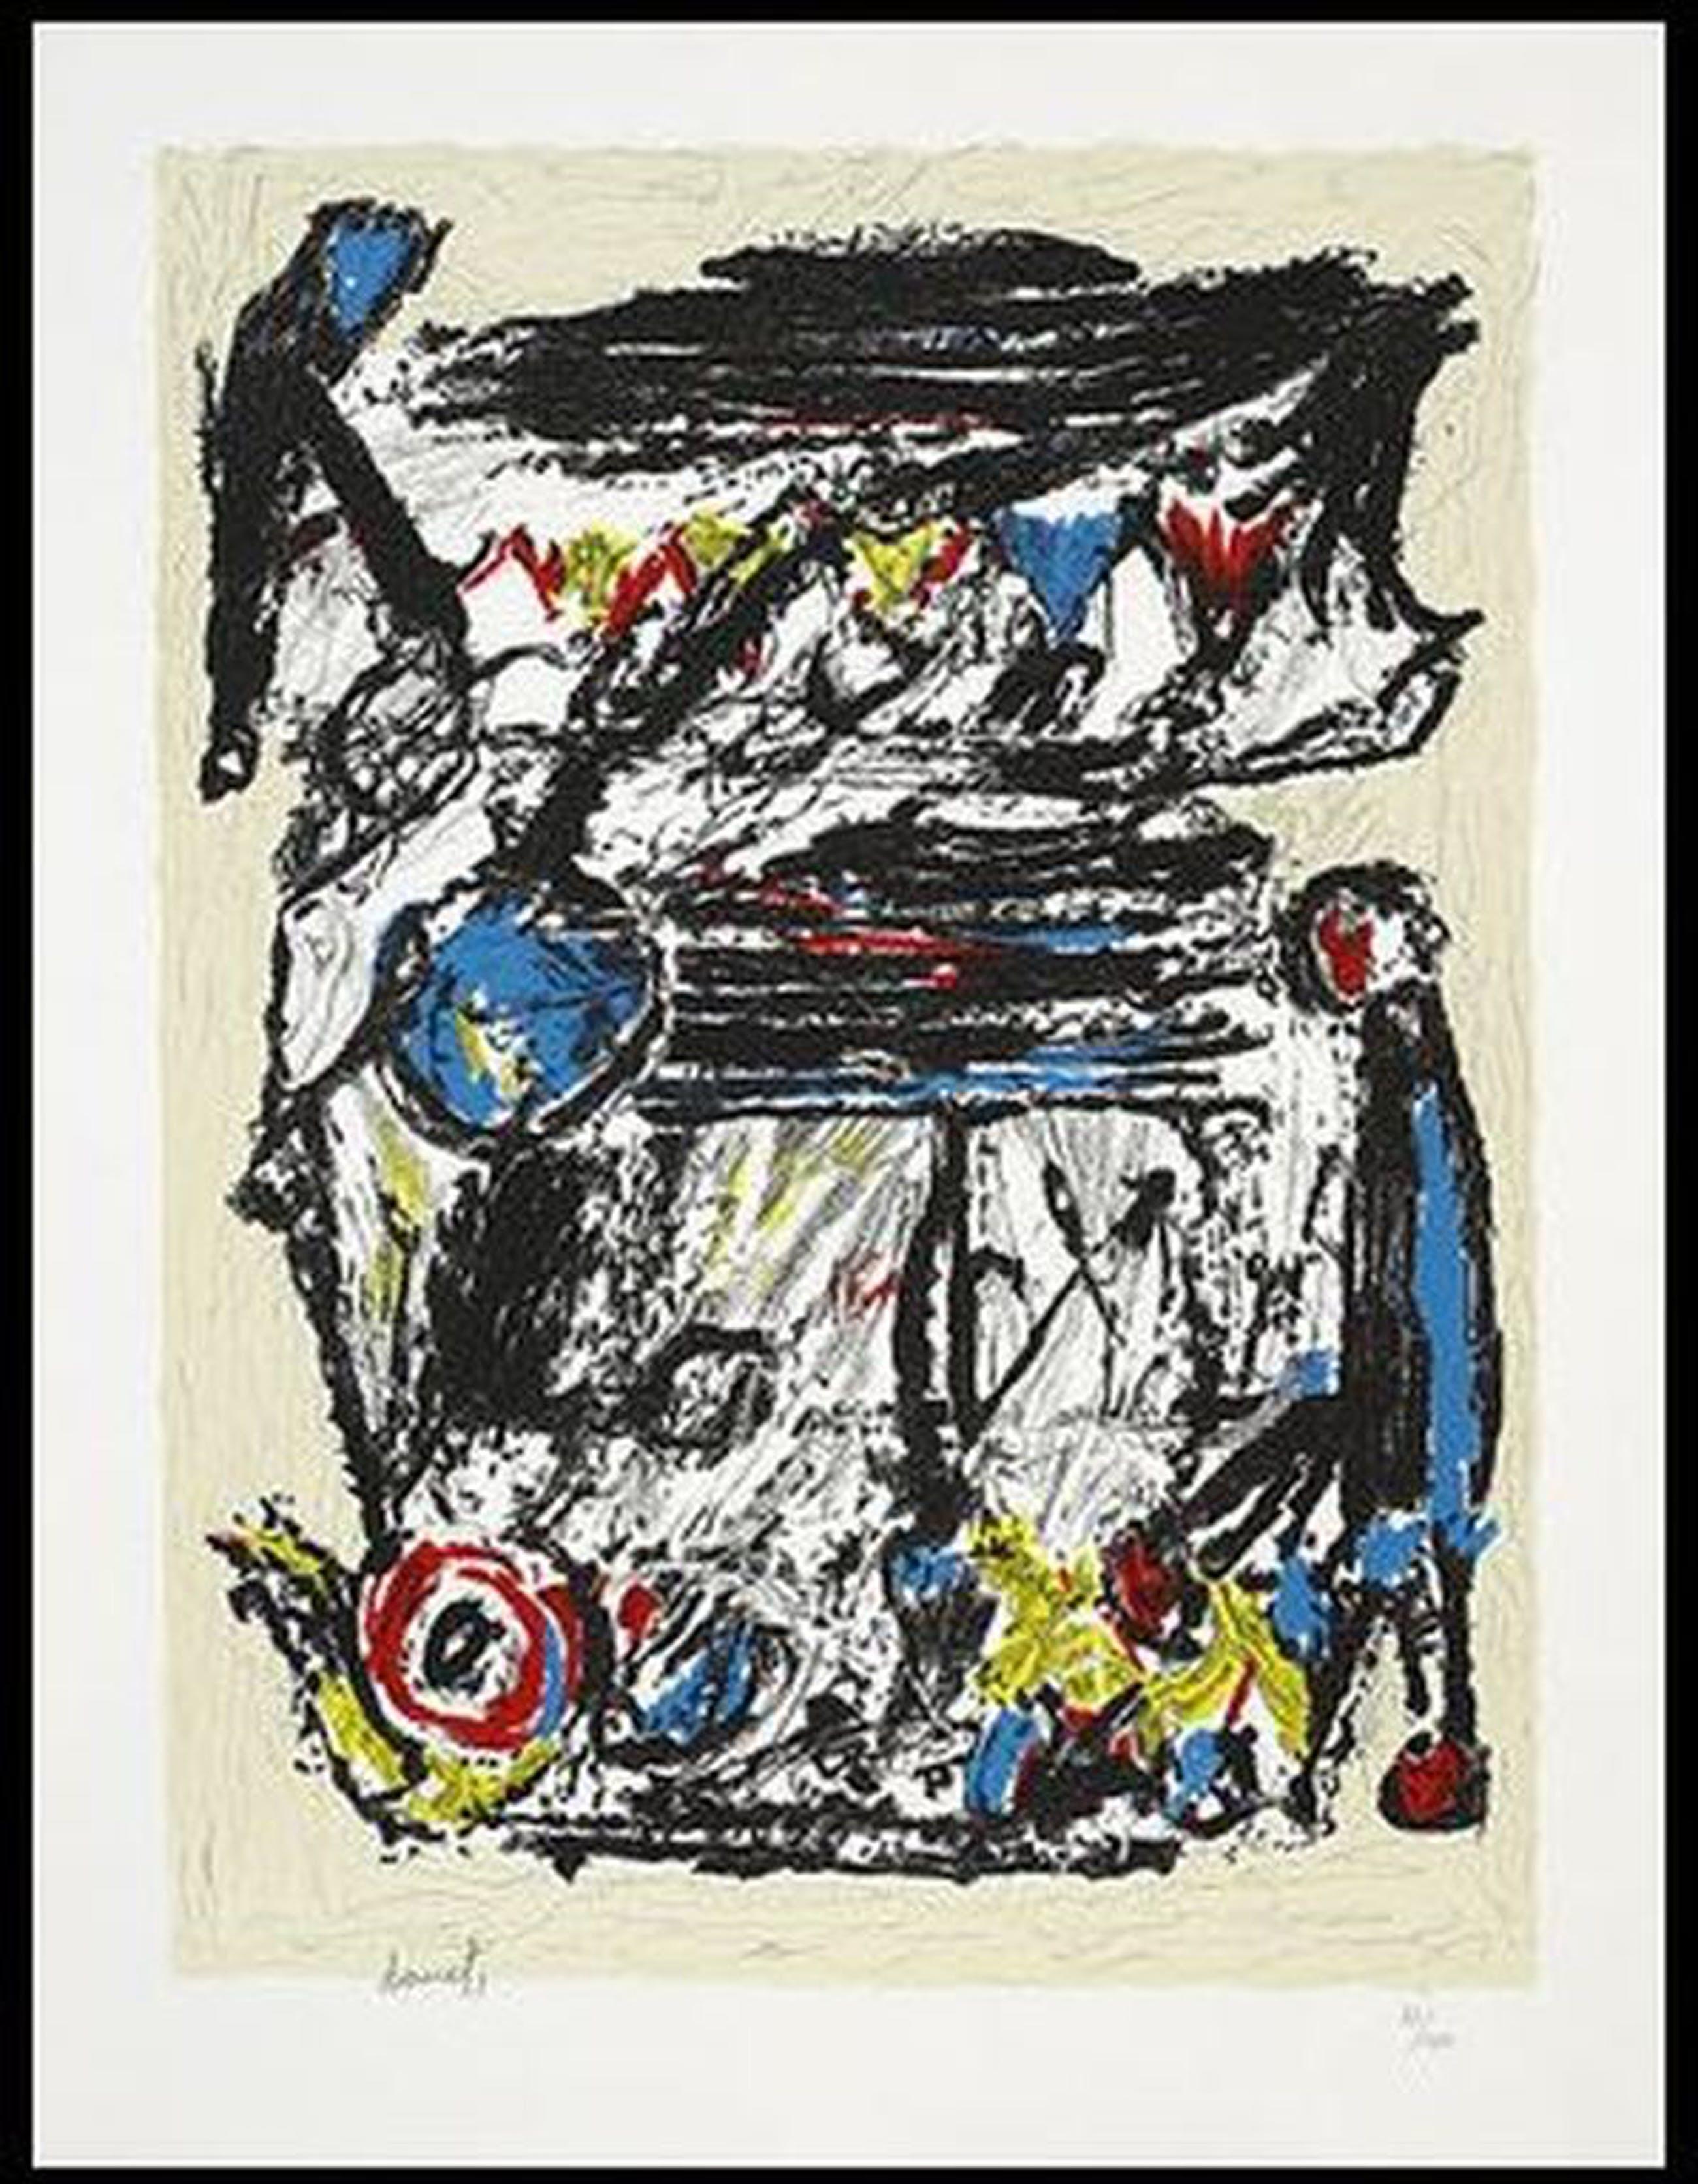 Jacques Doucet: Portfolio 3x Litho, Croisee Familiale kopen? Bied vanaf 220!